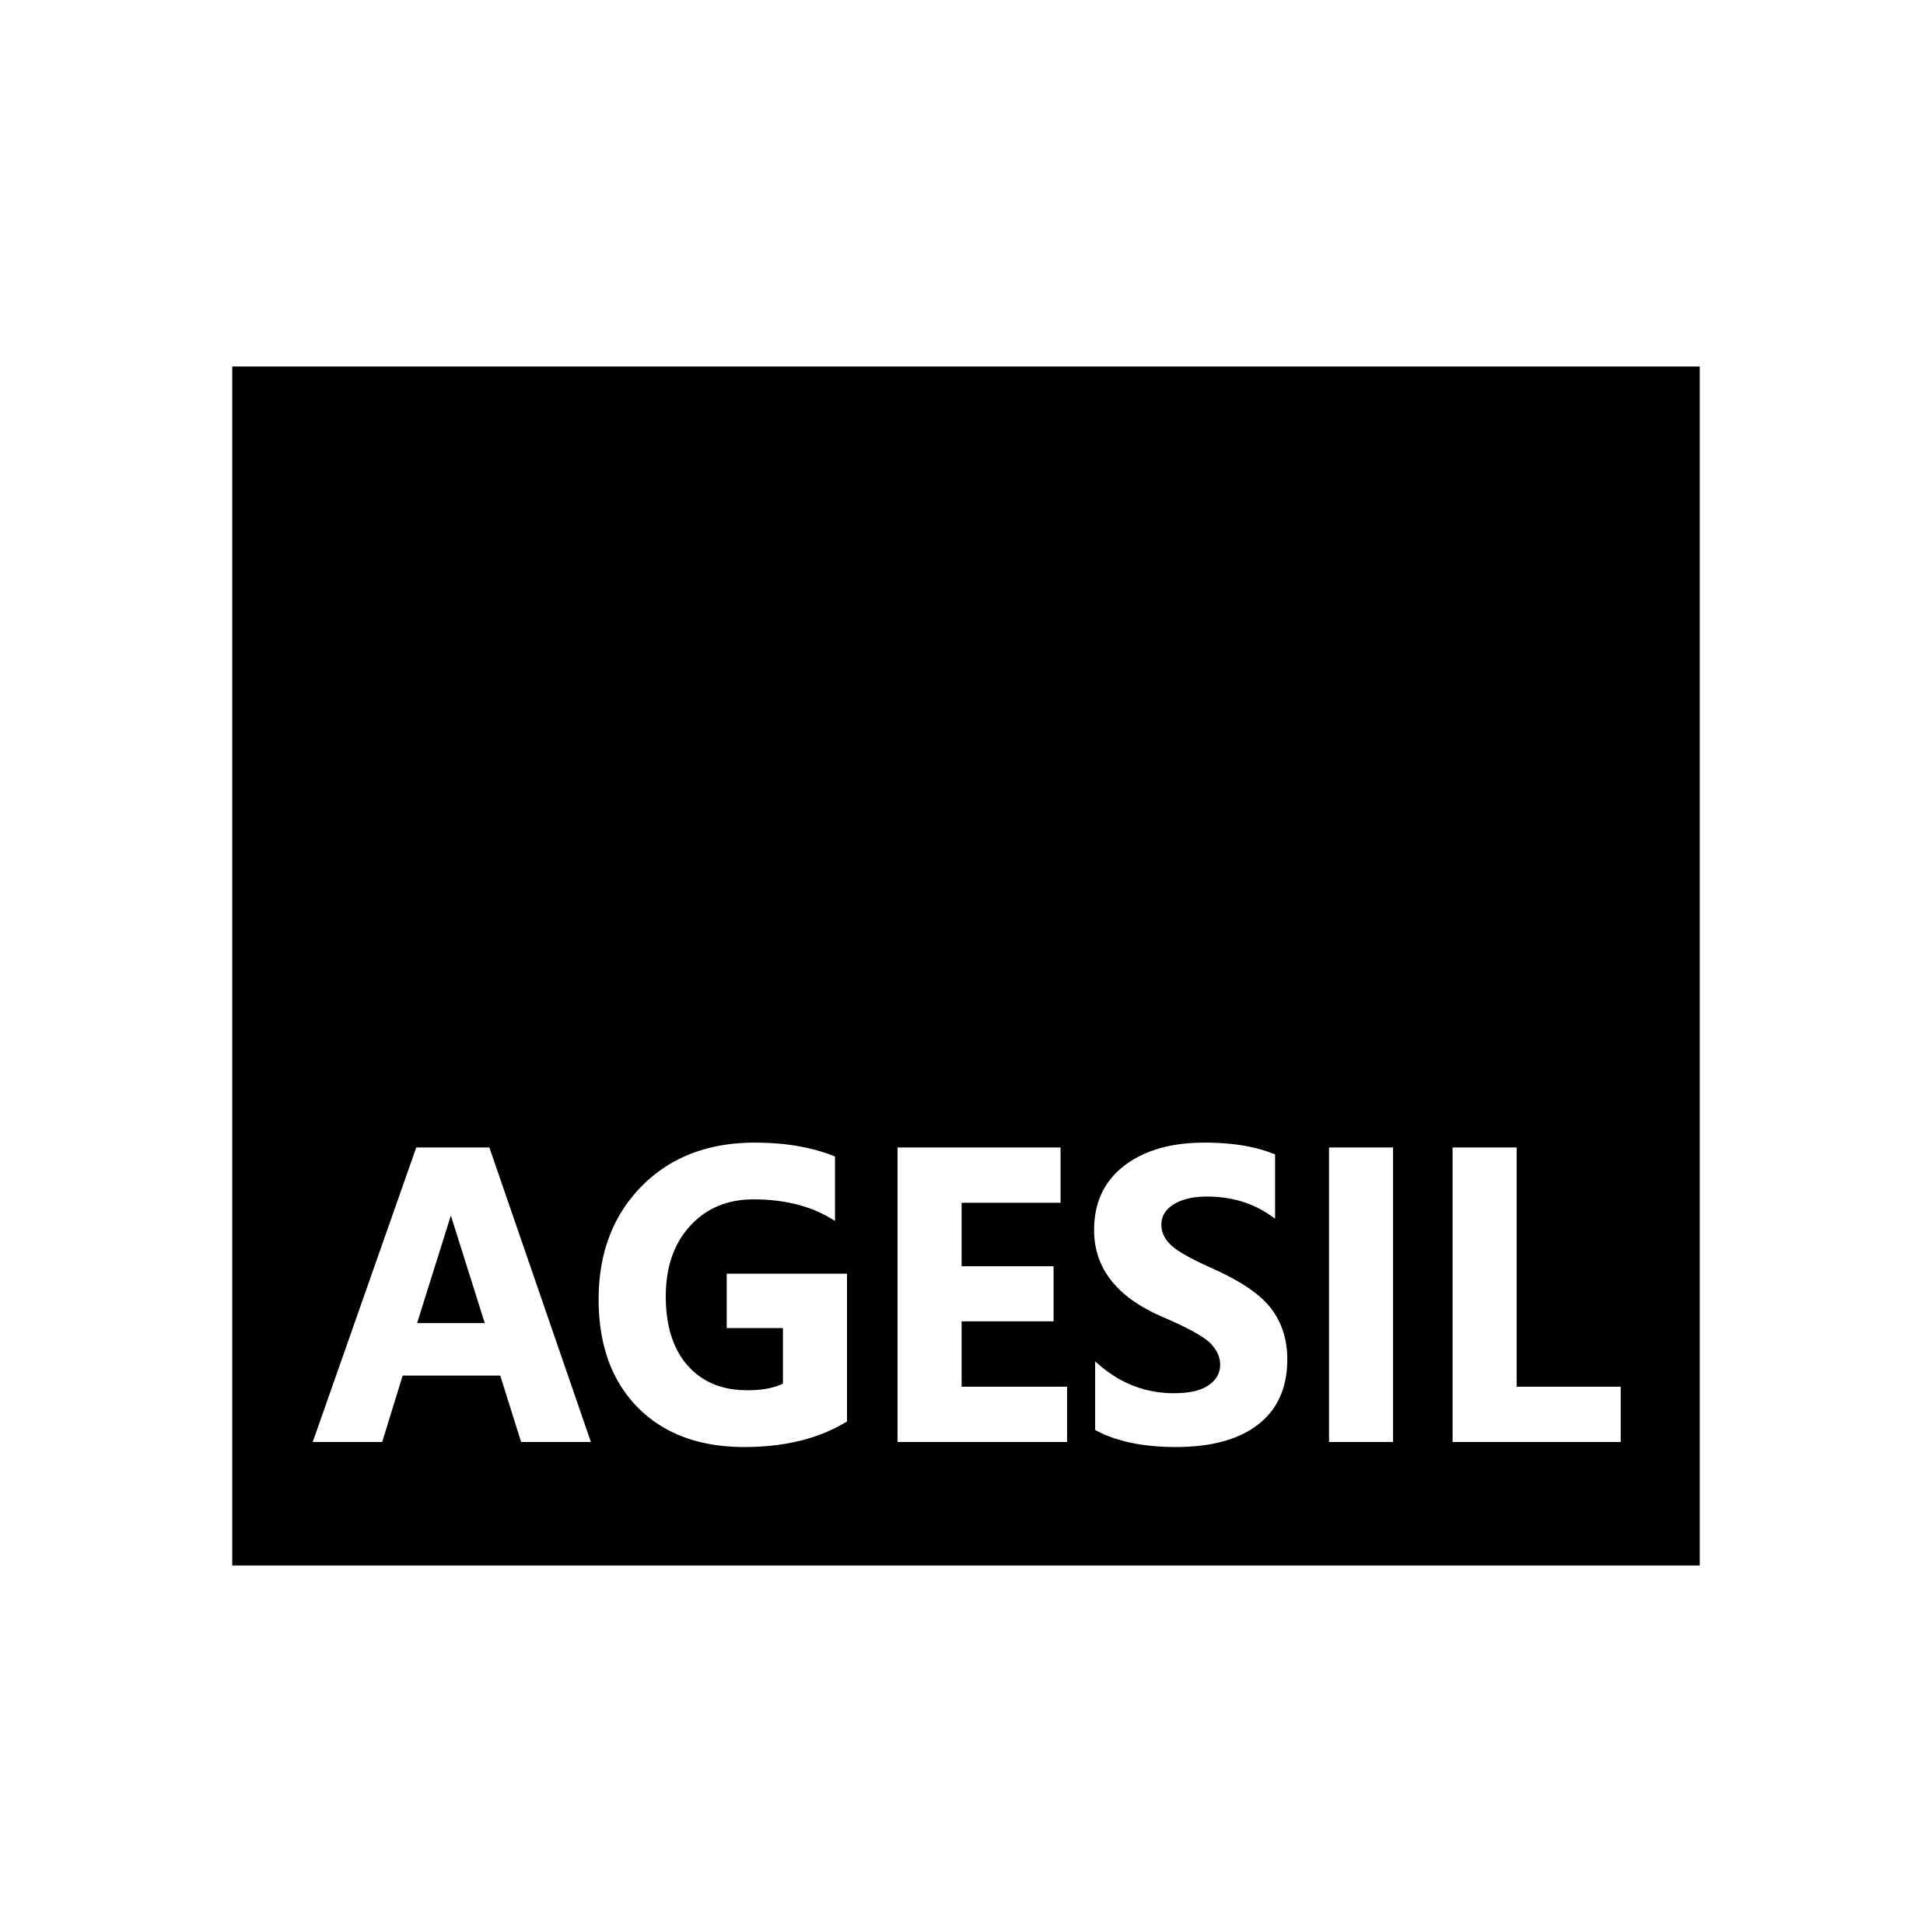 AGESIL